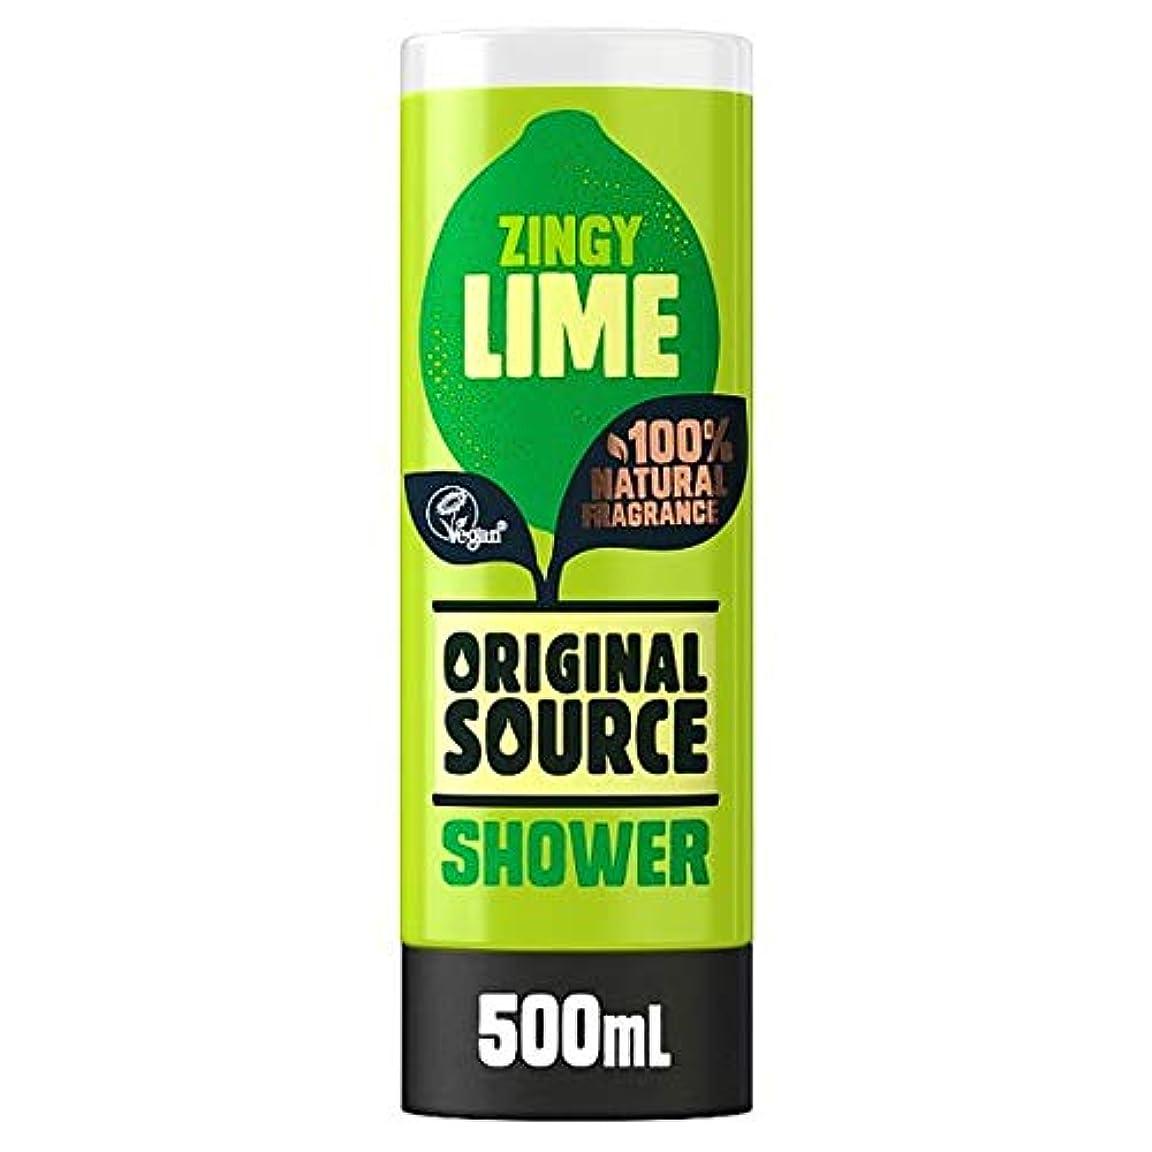 抑制する逆に読みやすい[Original Source ] 元のソースライムシャワージェル500ミリリットル - Original Source Lime Shower Gel 500Ml [並行輸入品]